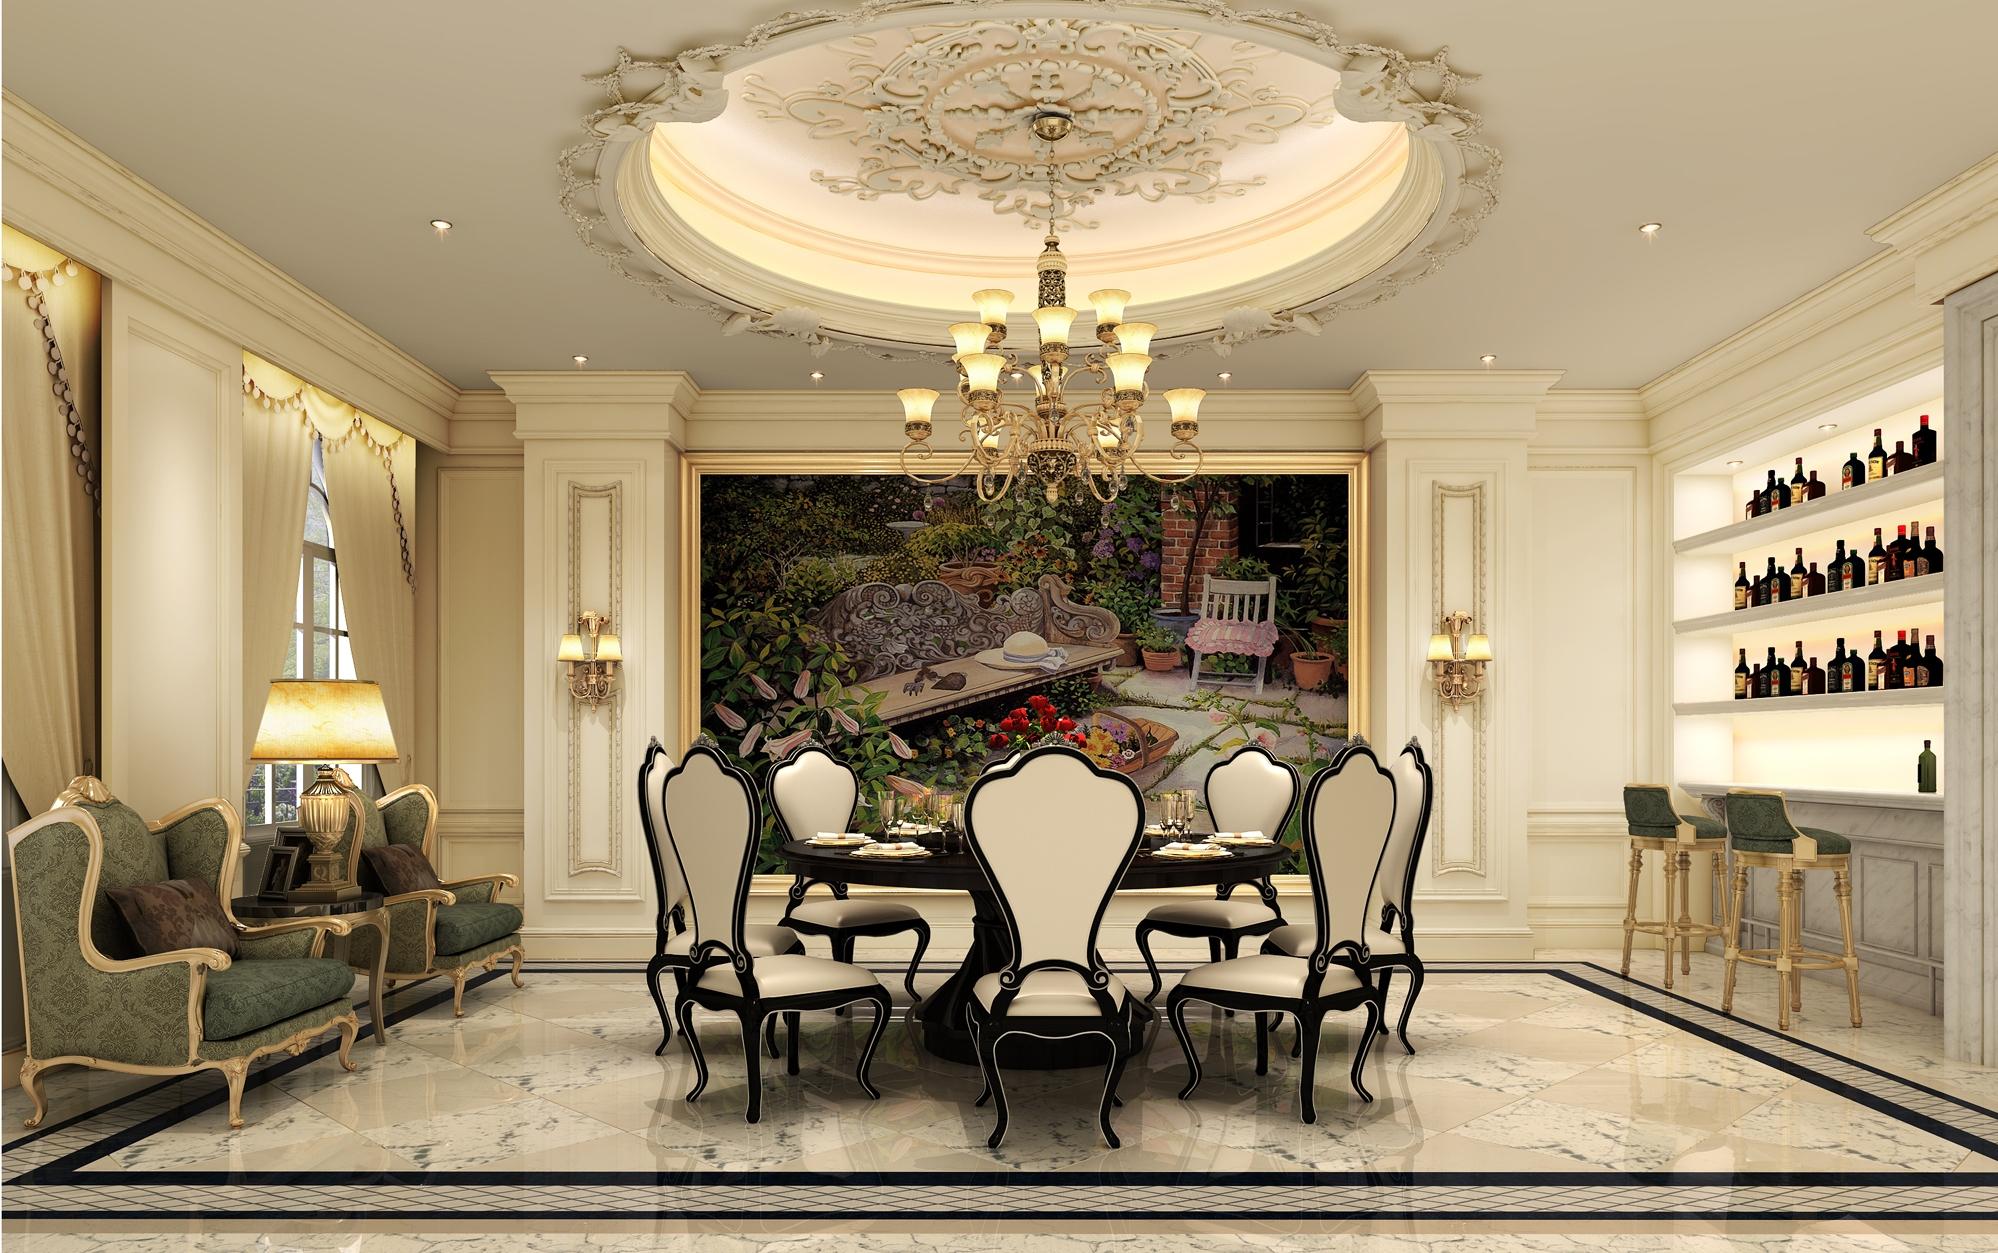 法式风格 原创国际 品质墅装 全案设计 餐厅图片来自原创国际别墅装饰在海兰云天的分享